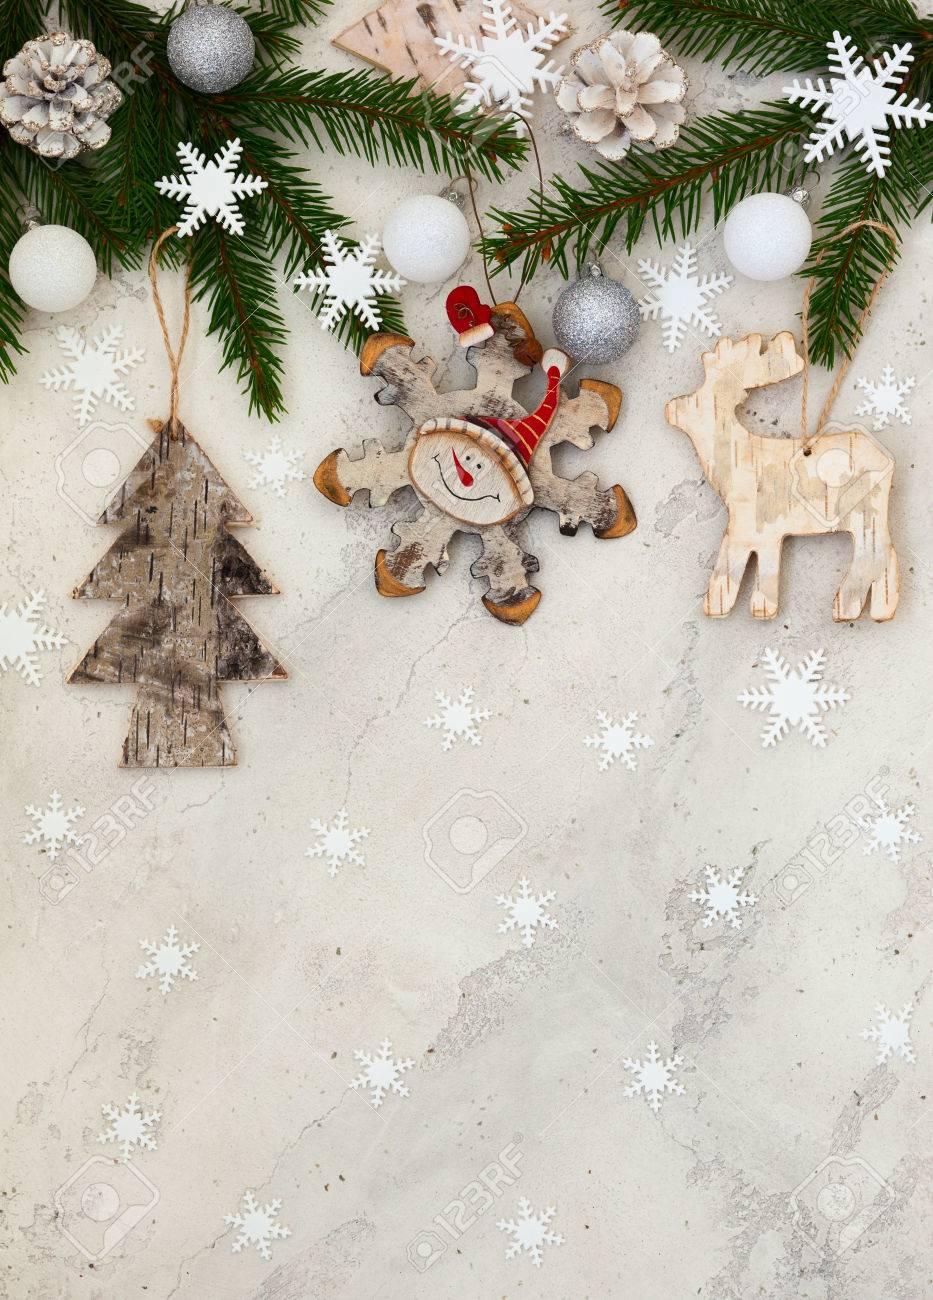 Christmas decoration on the grey cracked stone background Stock Photo - 22213796